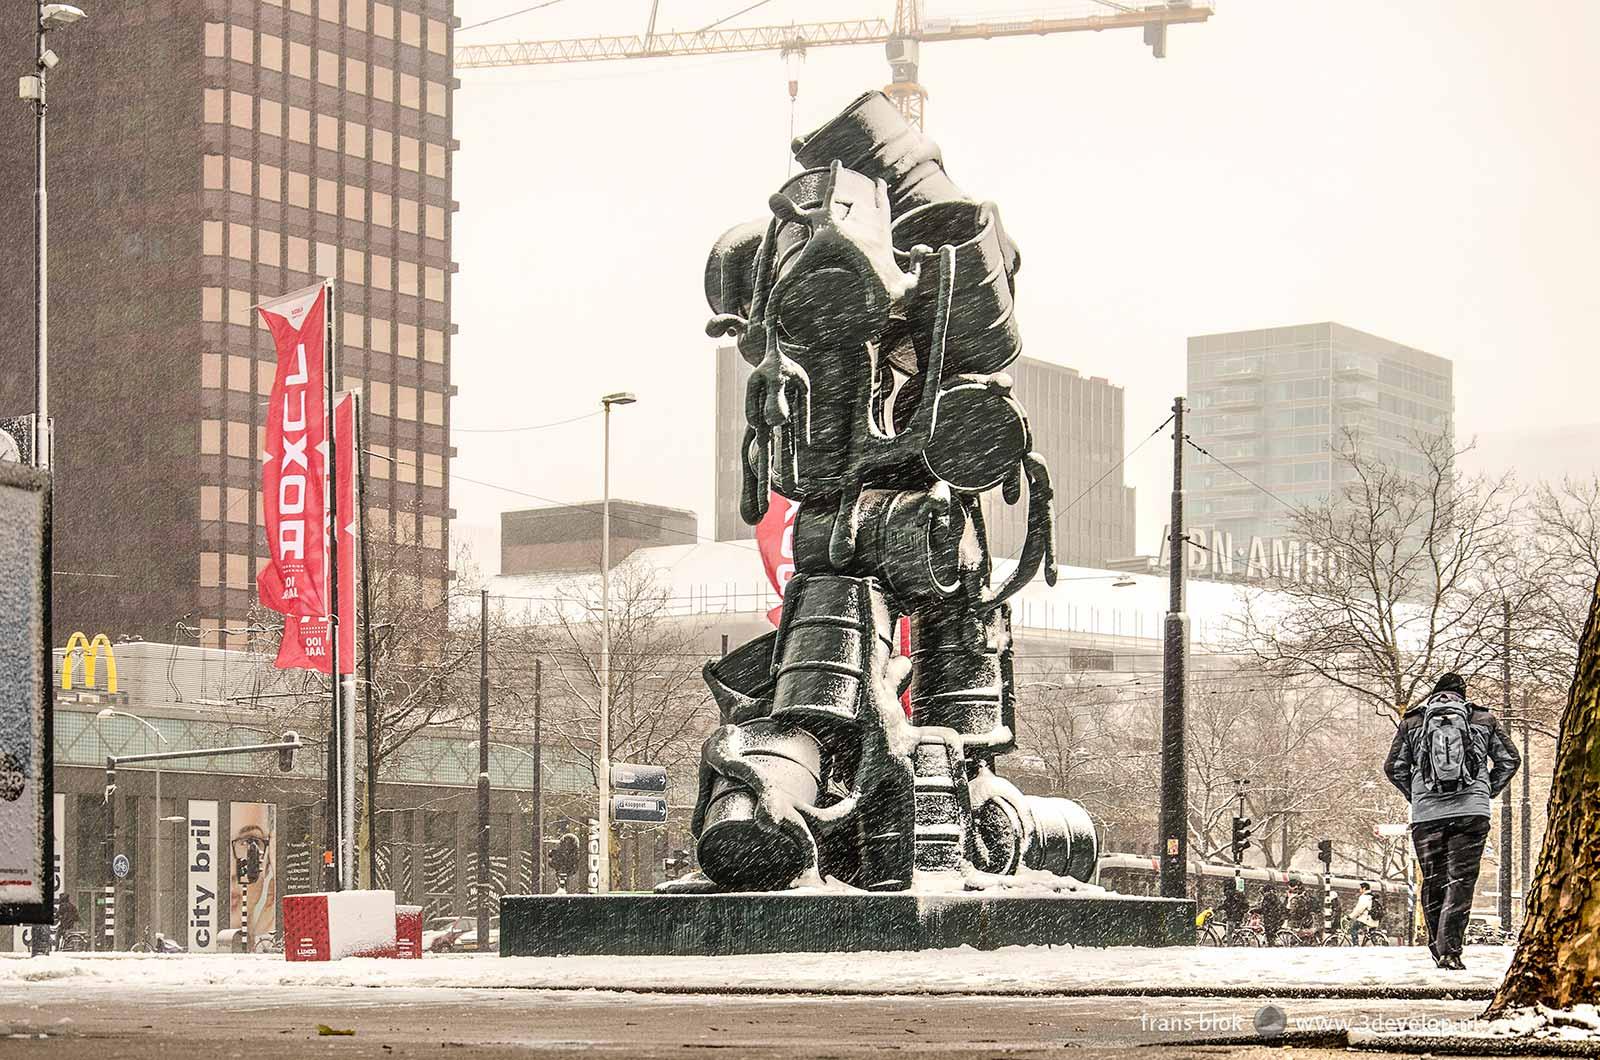 Het Churchillplein in Rotterdam met het beeld Cascade van Joep van Lieshout tijdens een sneeuwbui in december 2017